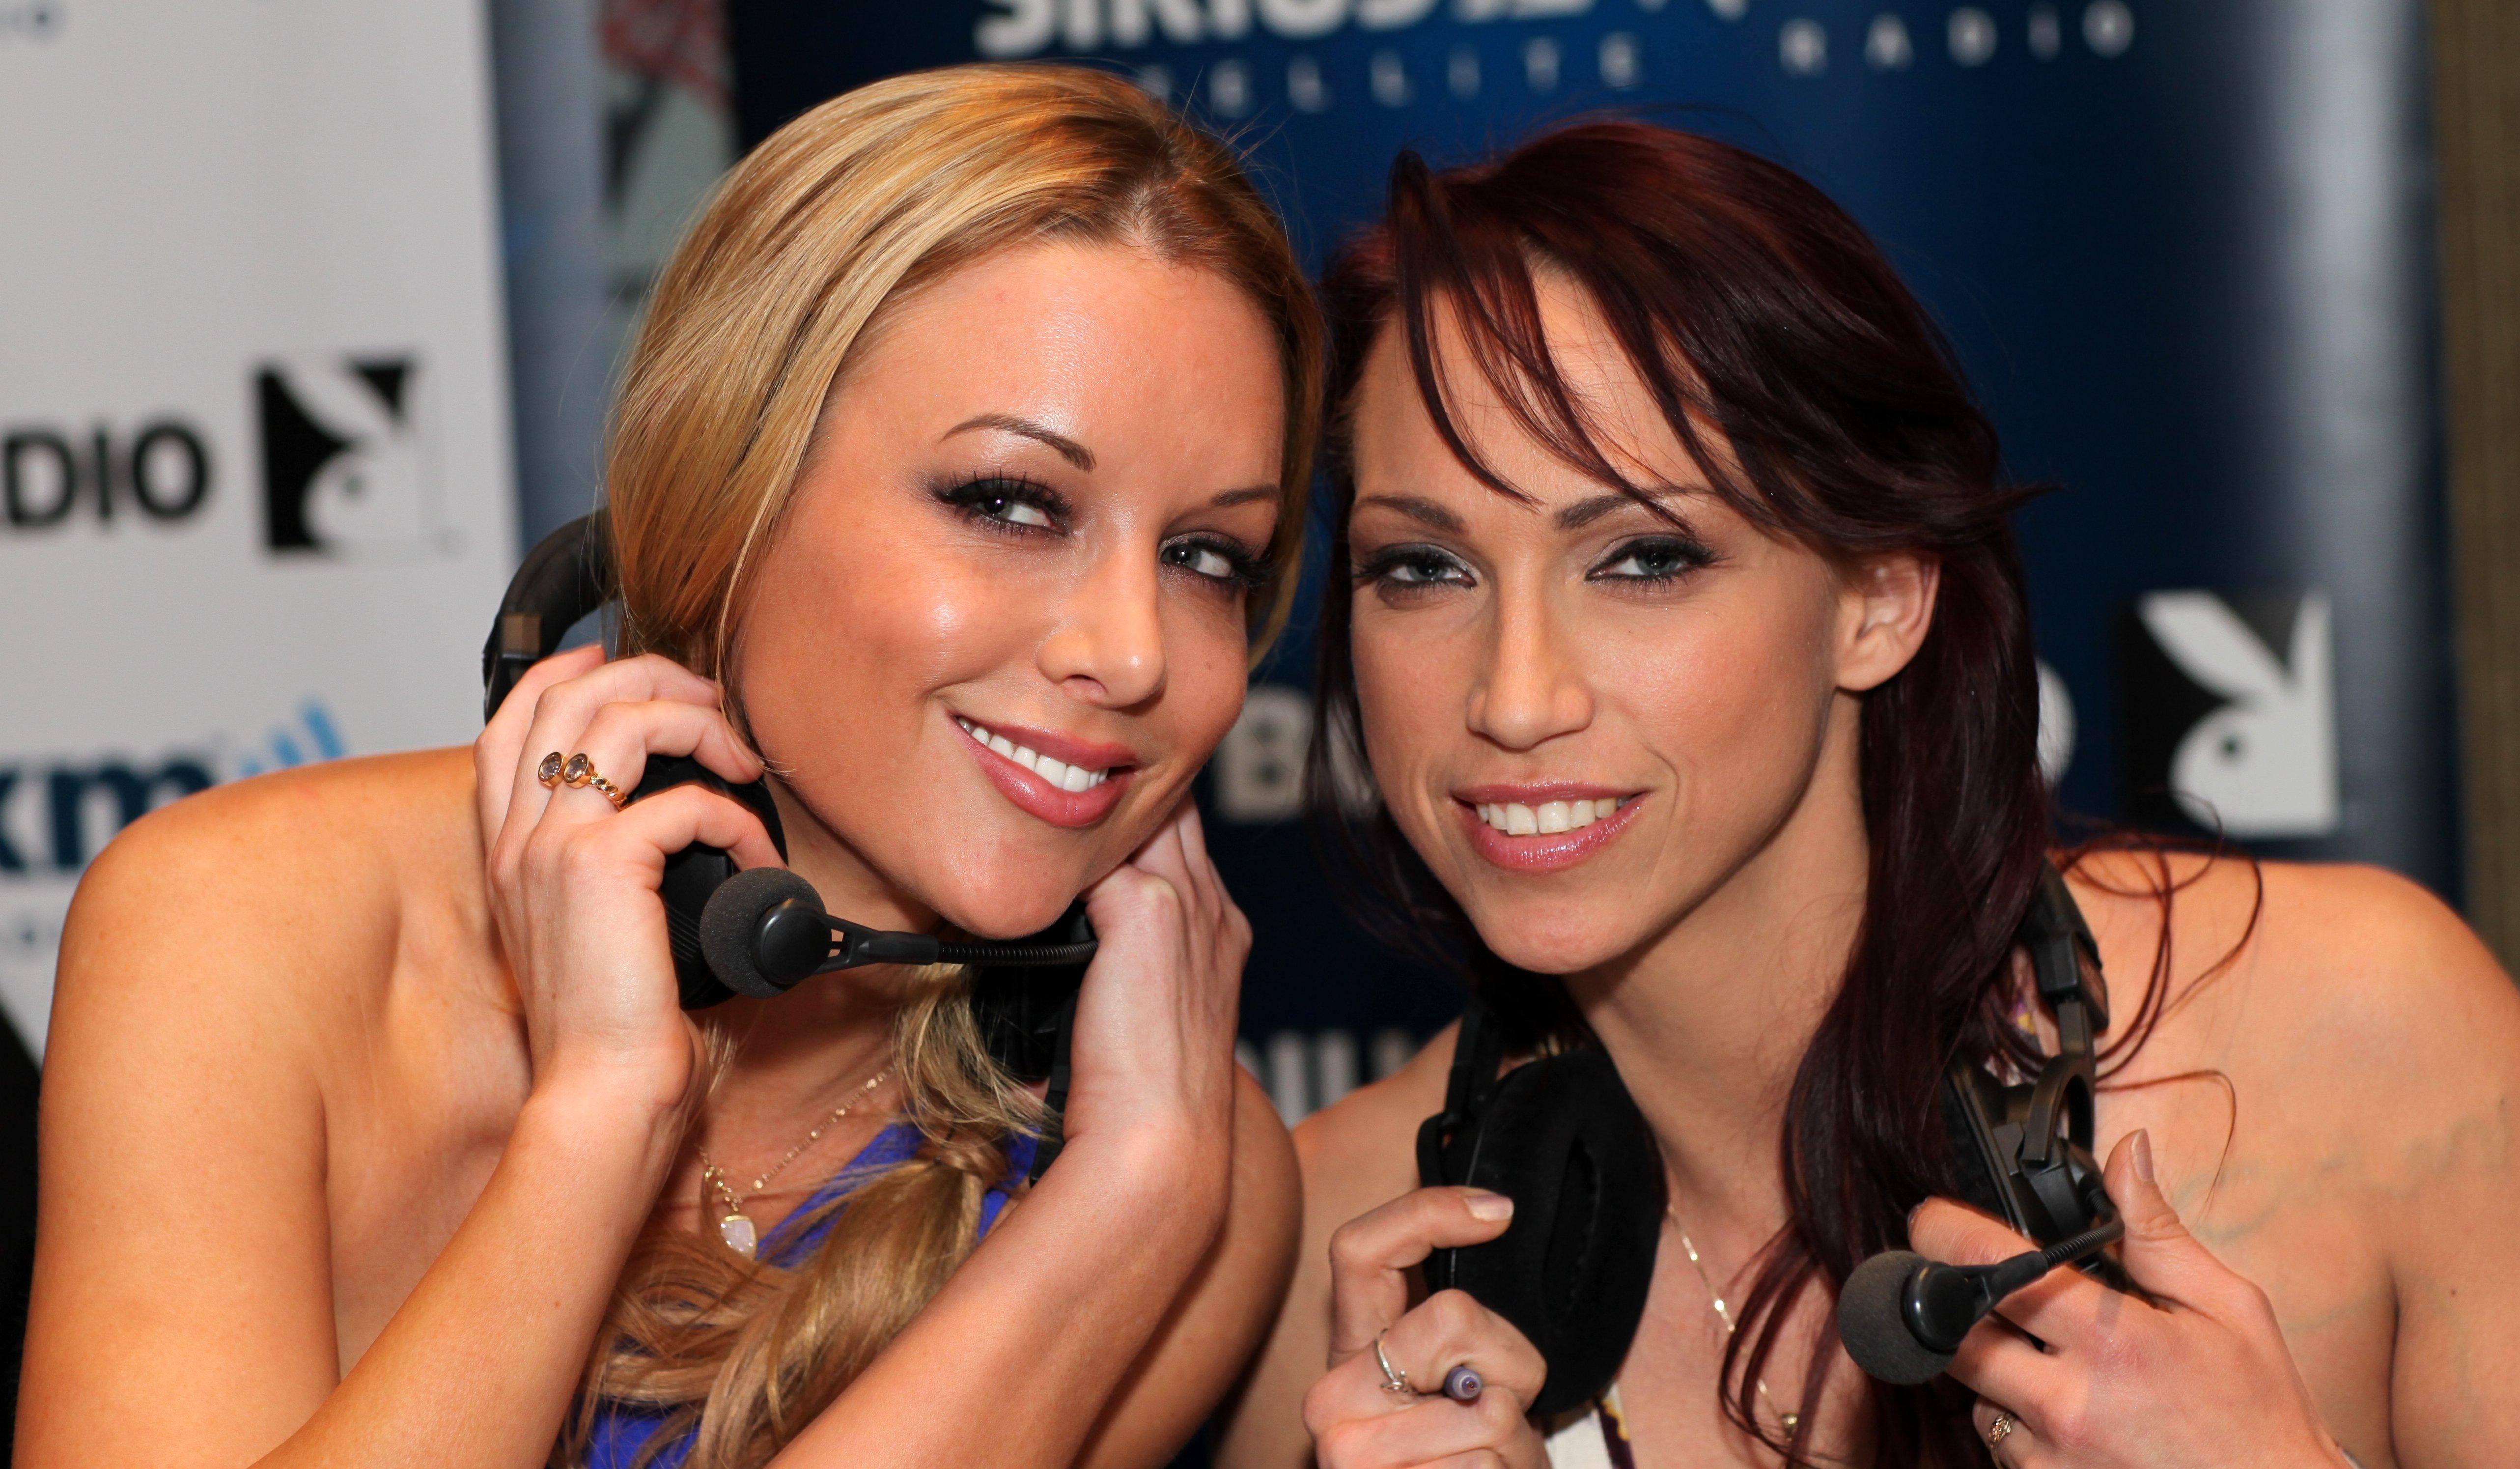 Playboy girl of radio